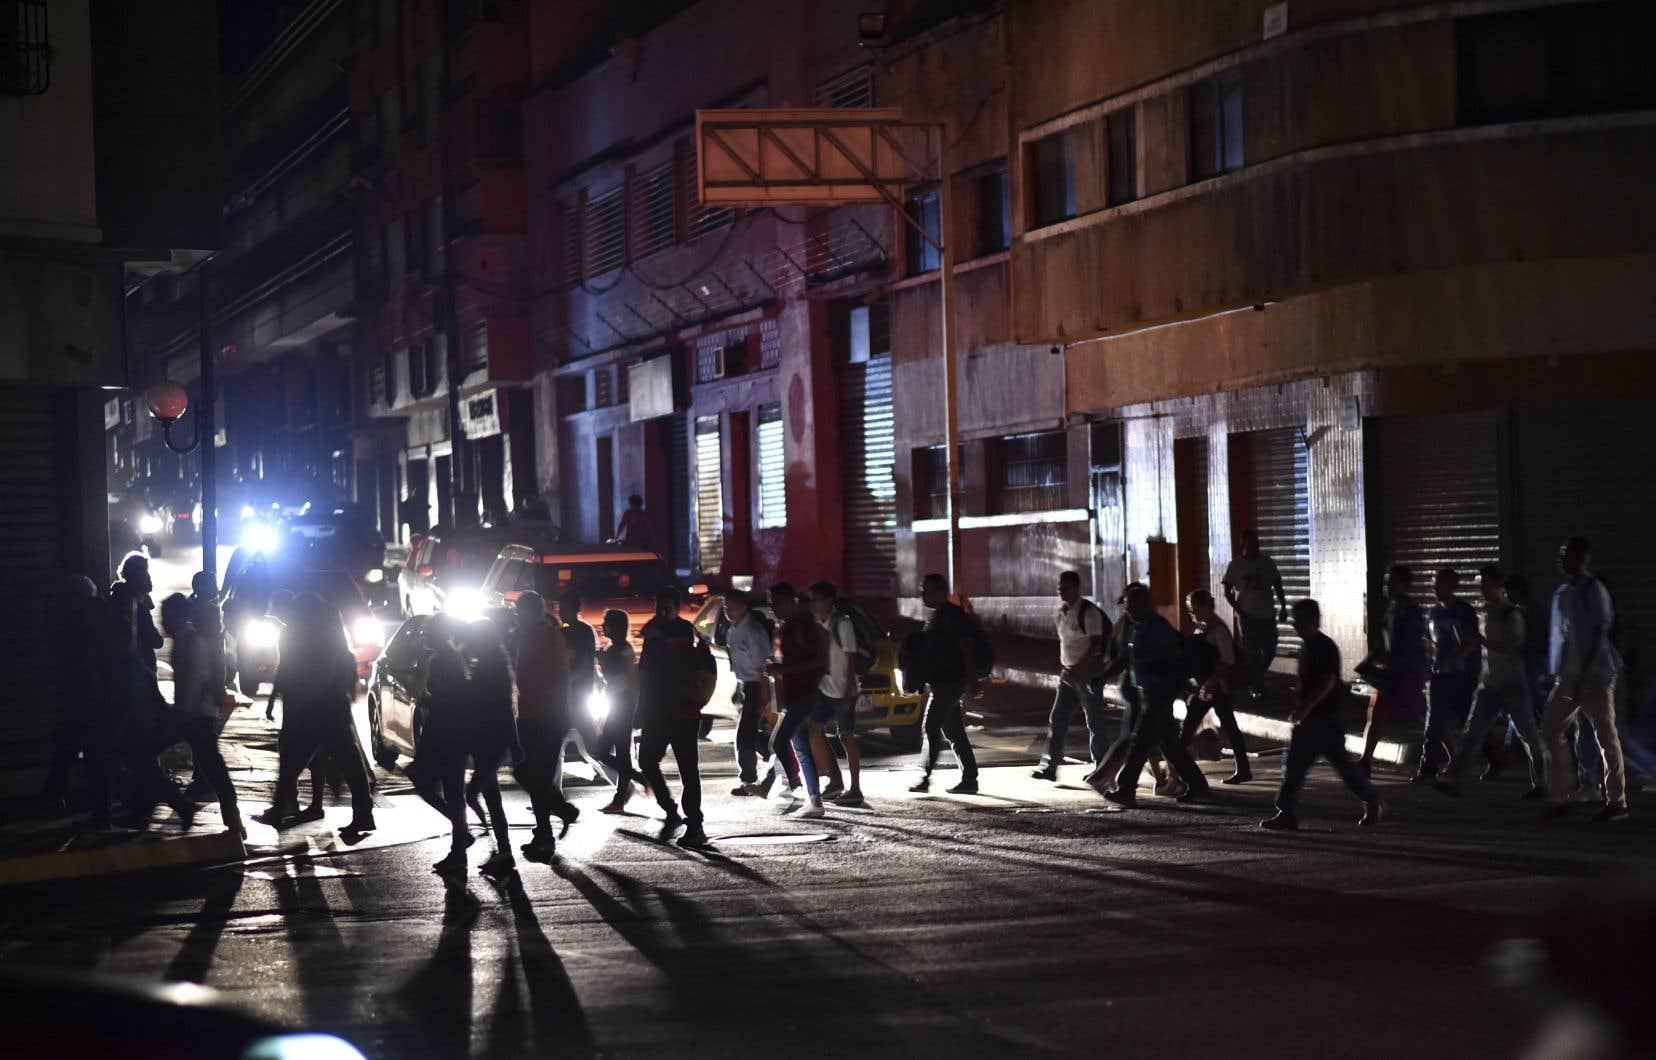 Considérée comme l'une des plus dangereuses au monde, la ville de Caracas était totalement plongée dans l'obscurité jeudi soir.